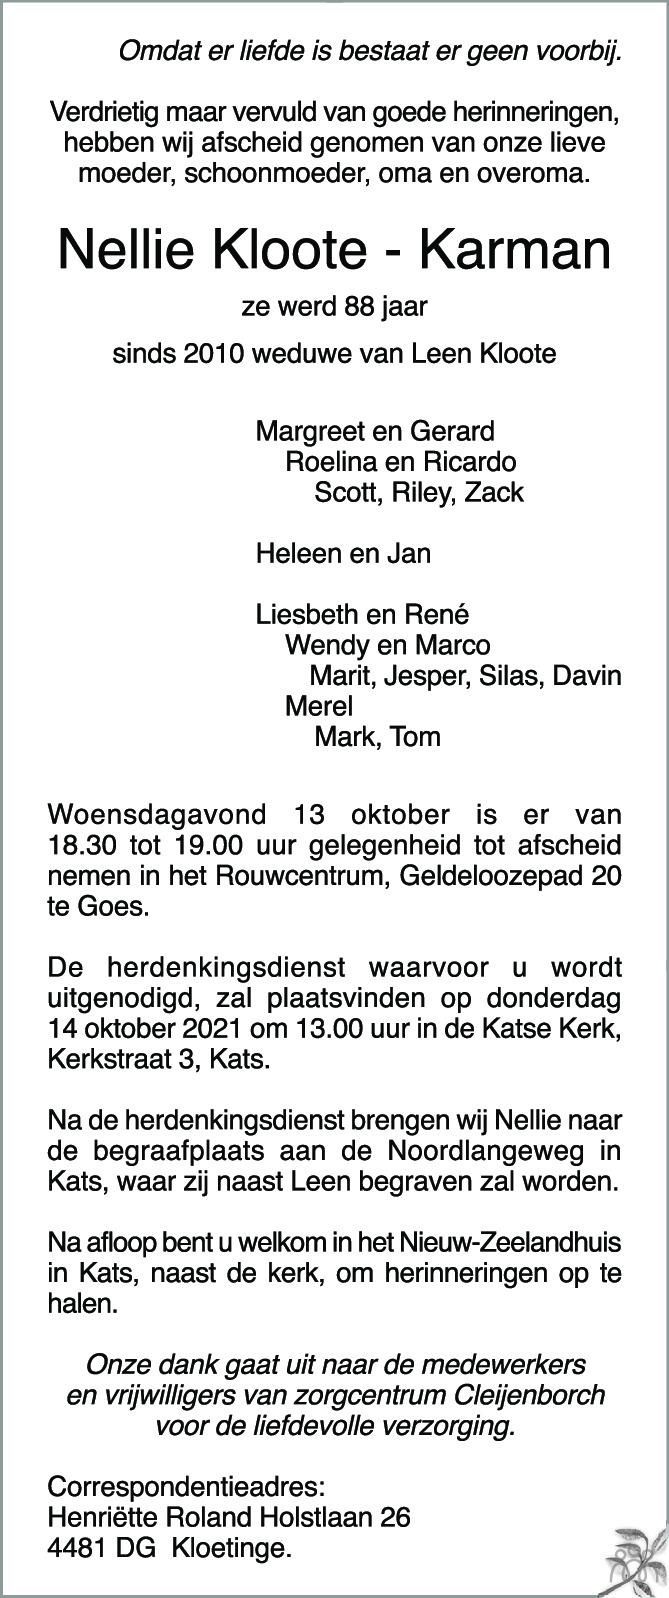 Overlijdensbericht van Nellie Kloote-Karman in PZC Provinciale Zeeuwse Courant